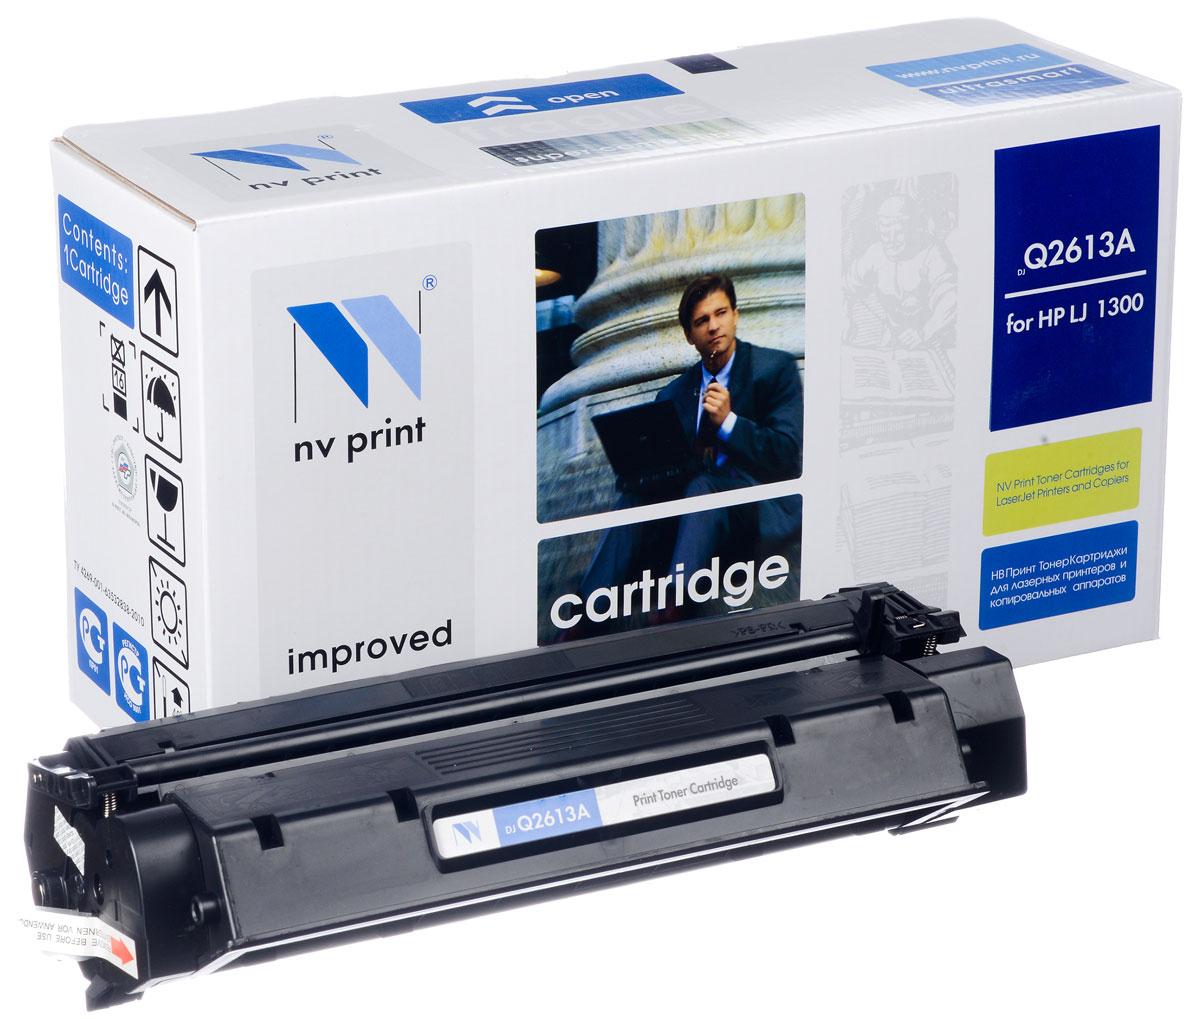 NV Print Q2613A, Black тонер-картридж для HP LaserJet 1300NV-Q2613AСовместимый лазерный картридж NV Print Q2613A для печатающих устройств HP - это альтернатива приобретению оригинальных расходных материалов. При этом качество печати остается высоким. Картридж обеспечивает повышенную чёткость и плавность переходов оттенков цвета и полутонов, позволяет отображать мельчайшие детали изображения. Лазерные принтеры, копировальные аппараты и МФУ являются более выгодными в печати, чем струйные устройства, так как лазерных картриджей хватает на значительно большее количество отпечатков, чем обычных. Для печати в данном случае используются не чернила, а тонер.